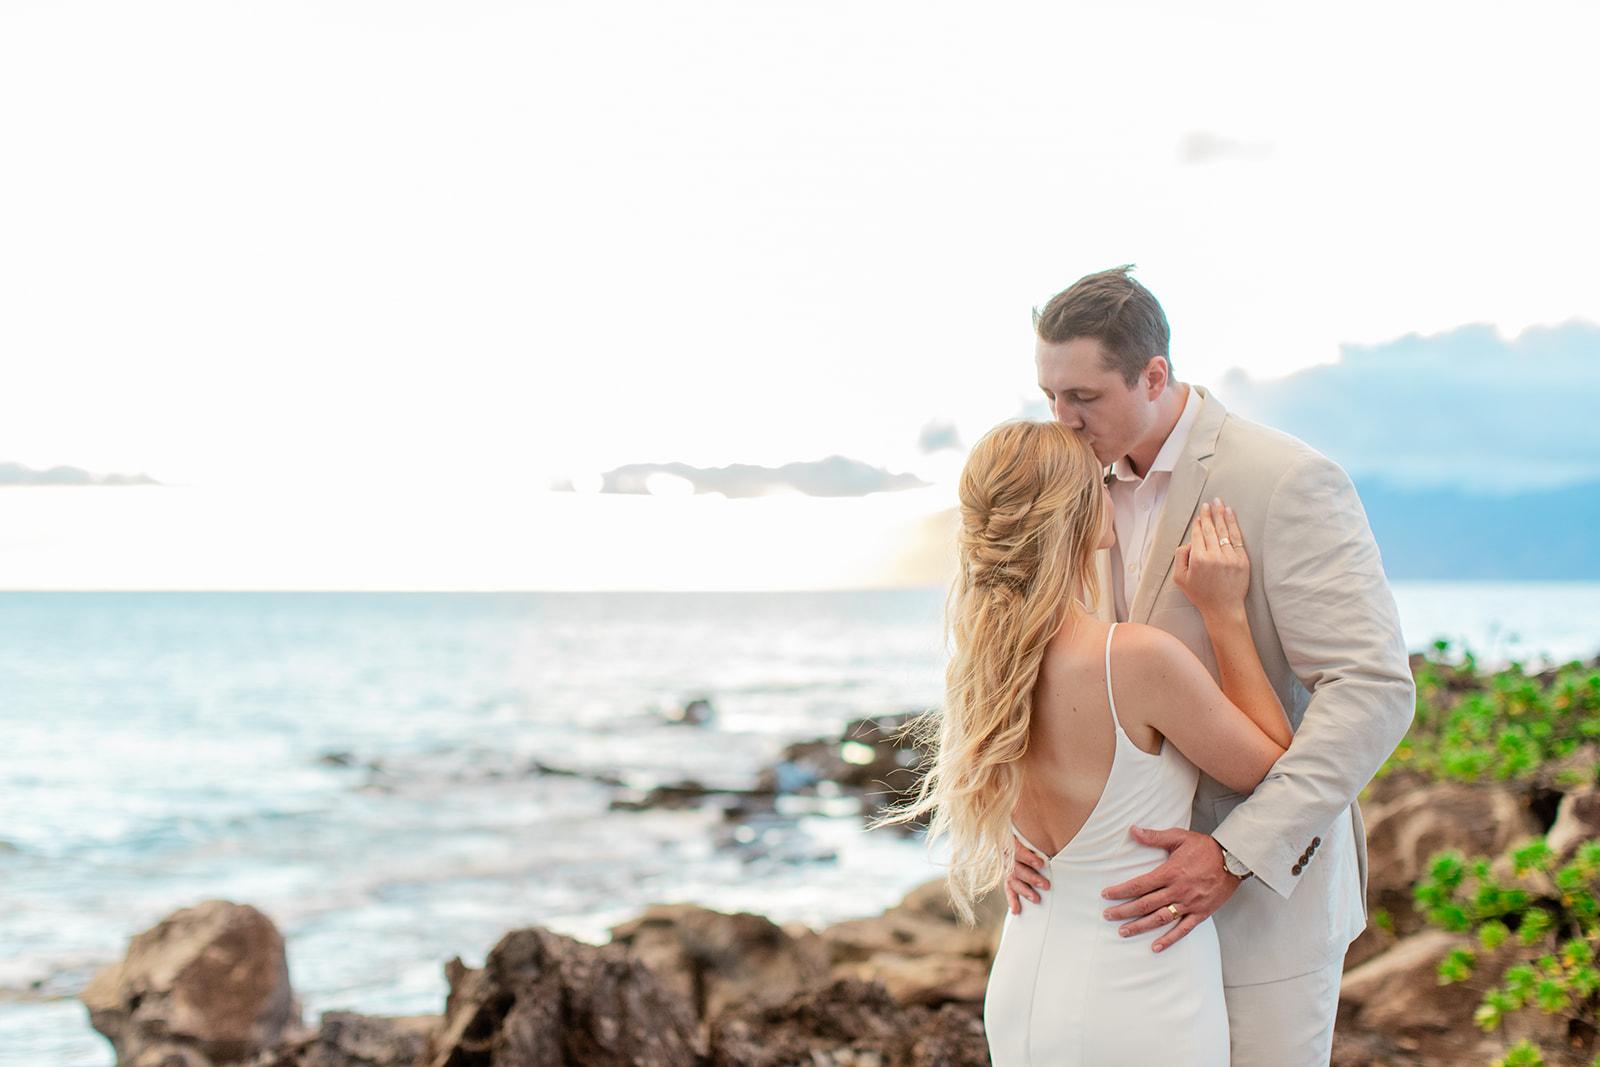 hawaii elopement rocks spokane bride and groom